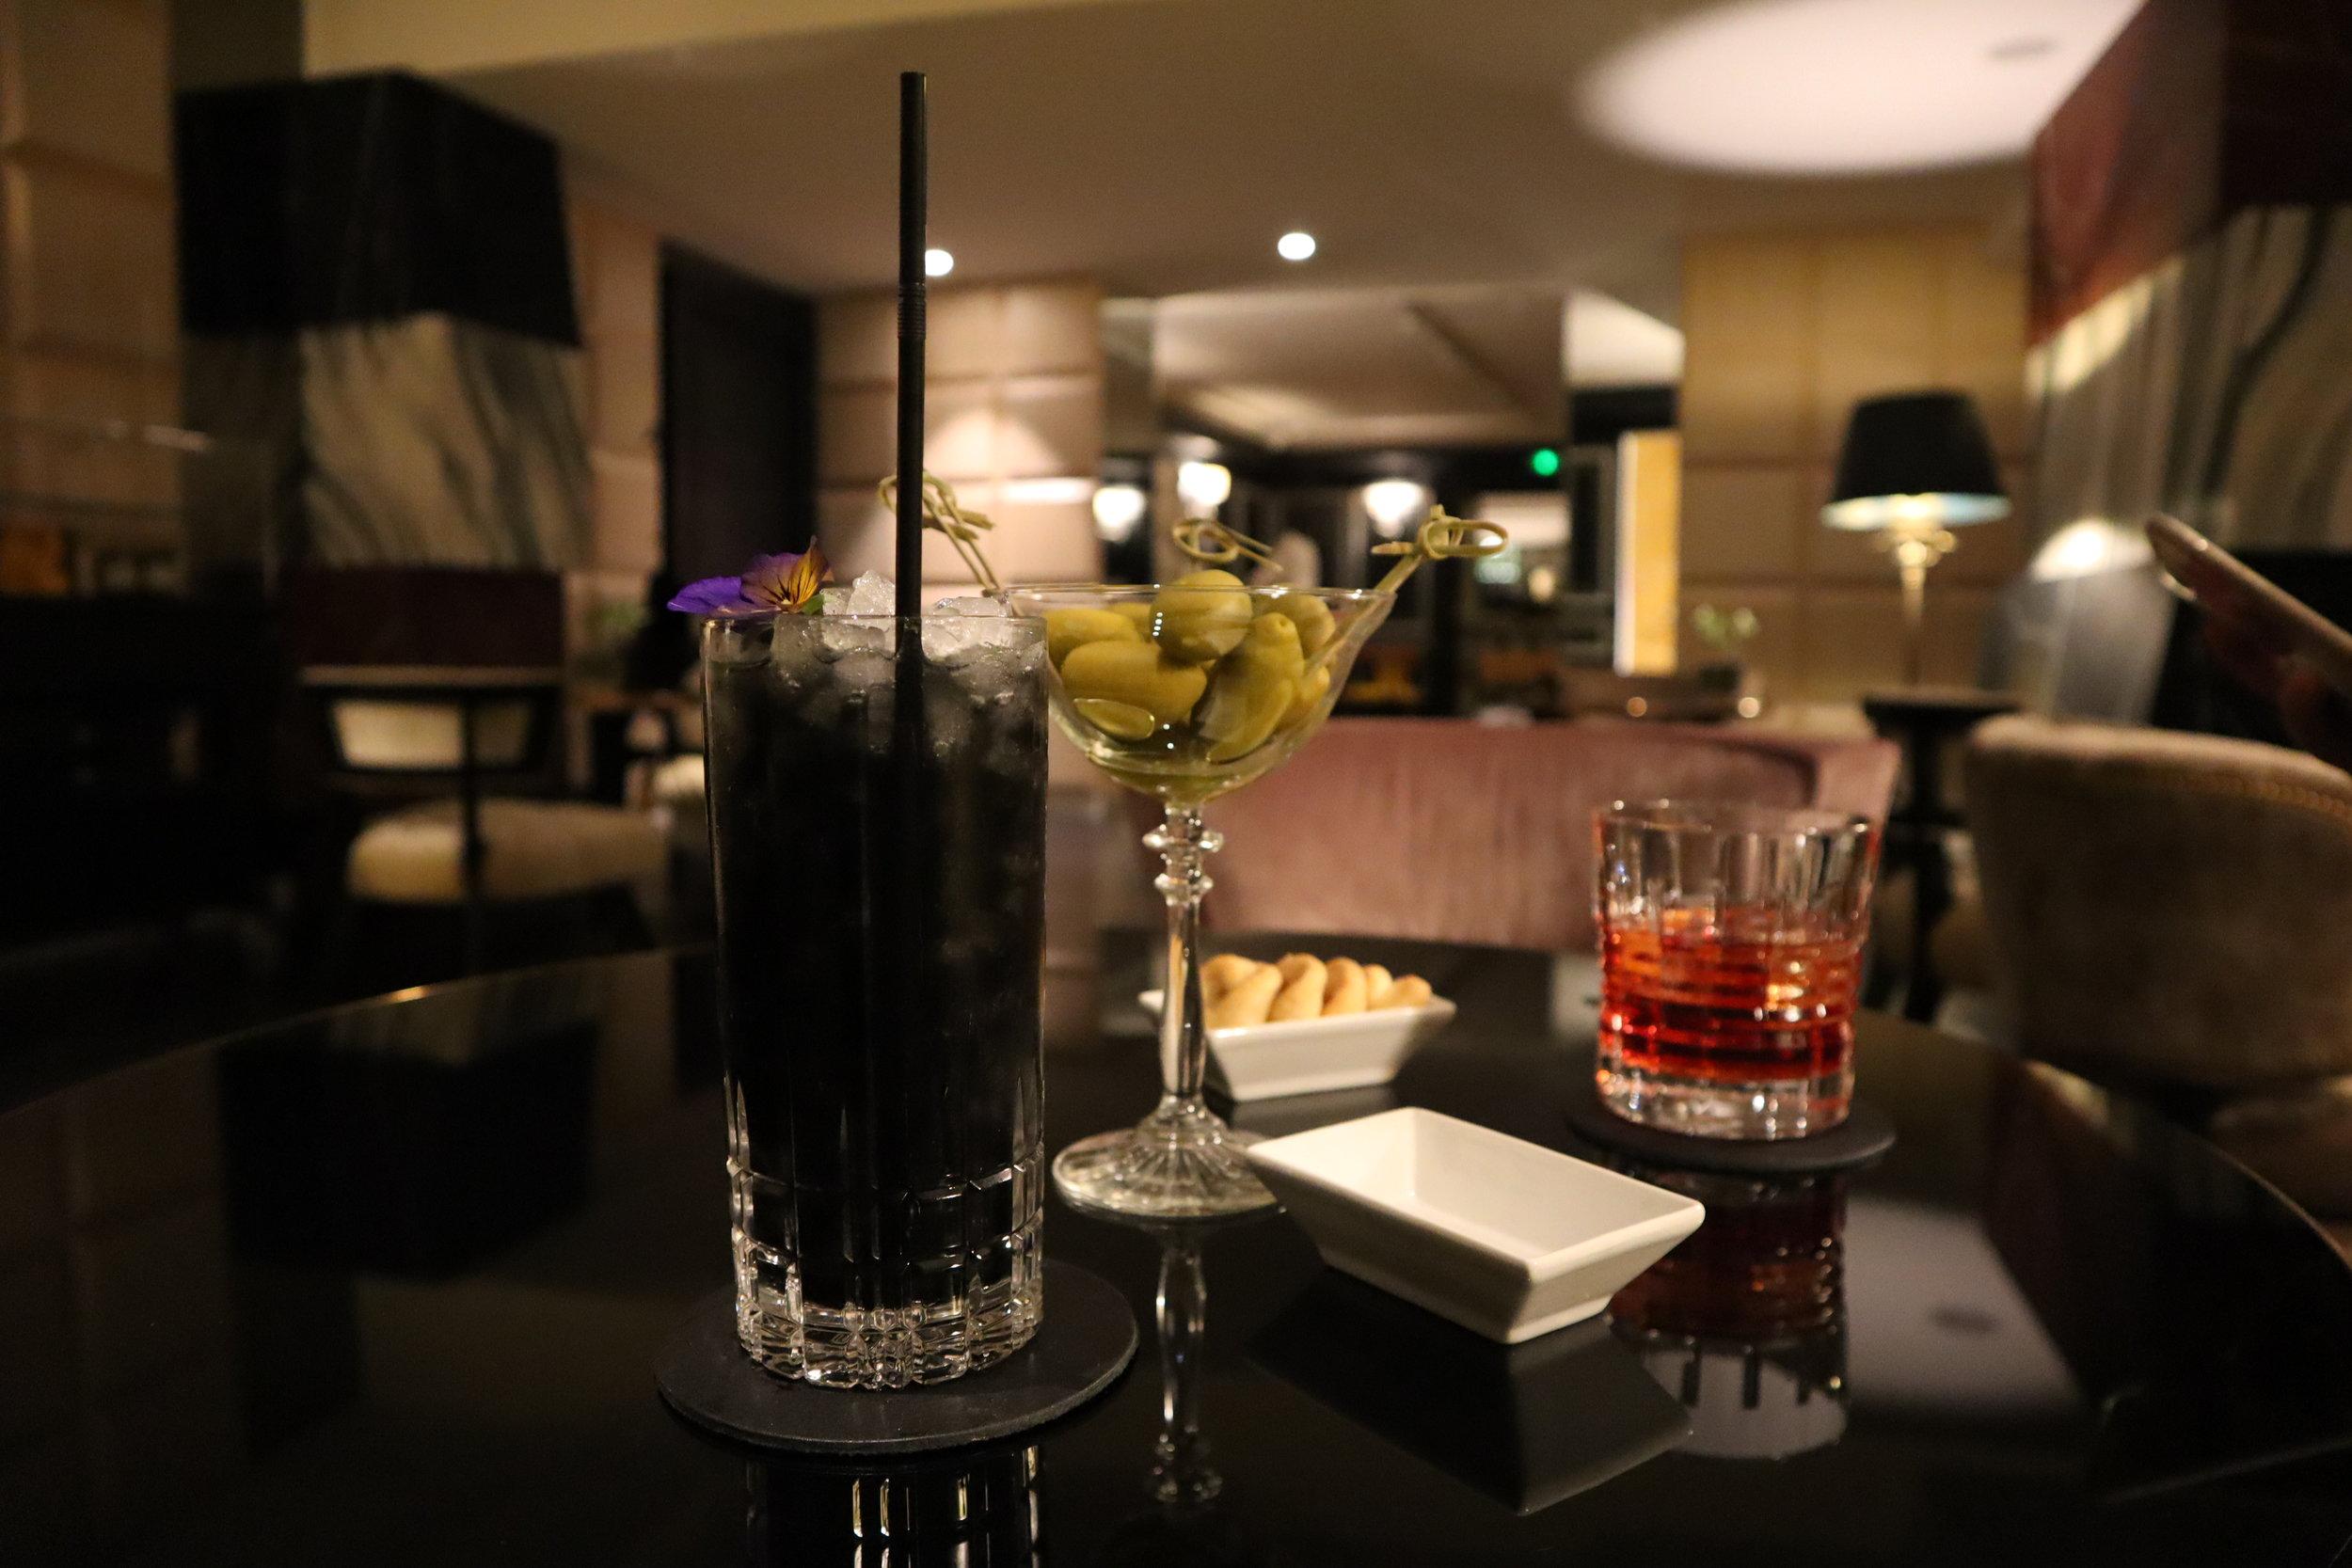 Hôtel de Berri Paris – Complimentary drinks